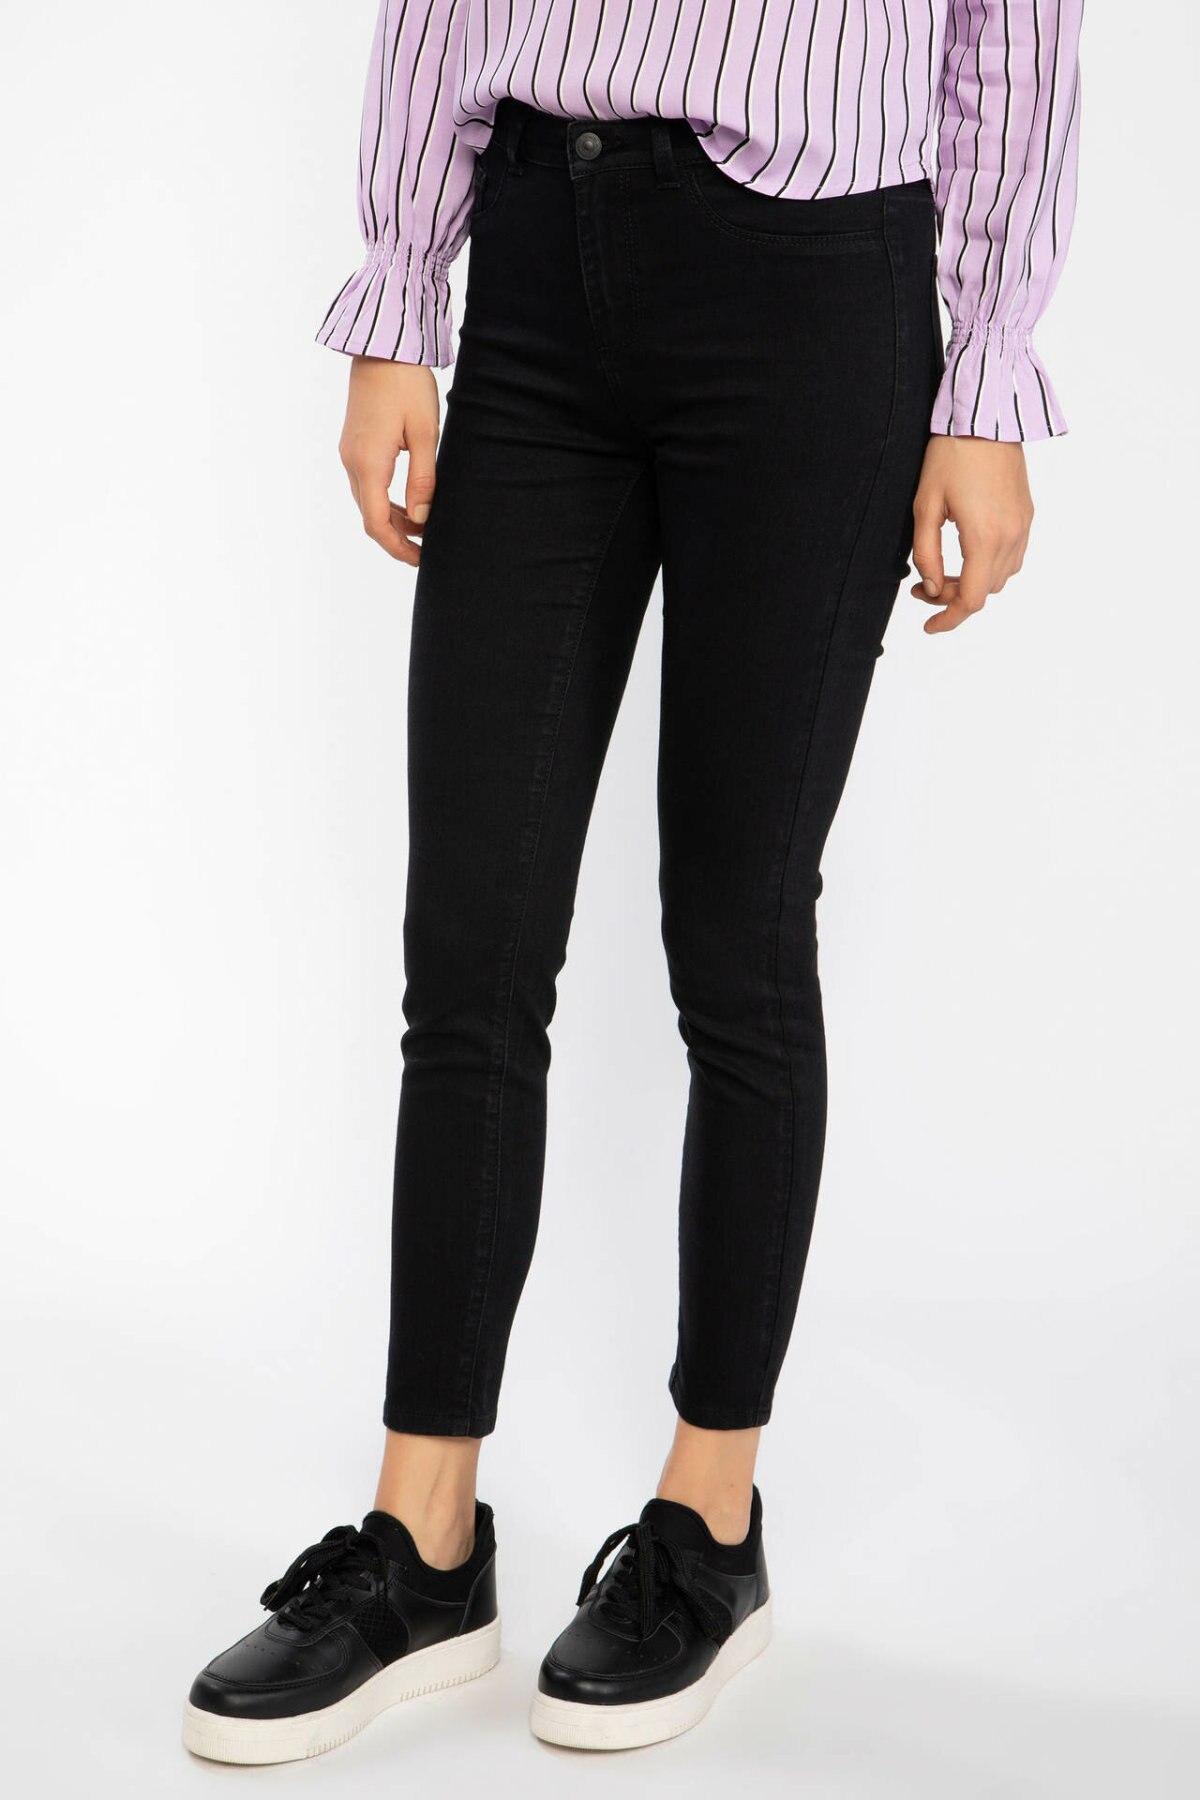 DeFacto Women Light Blue Pencil Denim Jeans Mid-Waist Women Casual Ankle-Length Denim Trousers Slim Pants J0826AZ19SPNM63-J0826AZ19SP